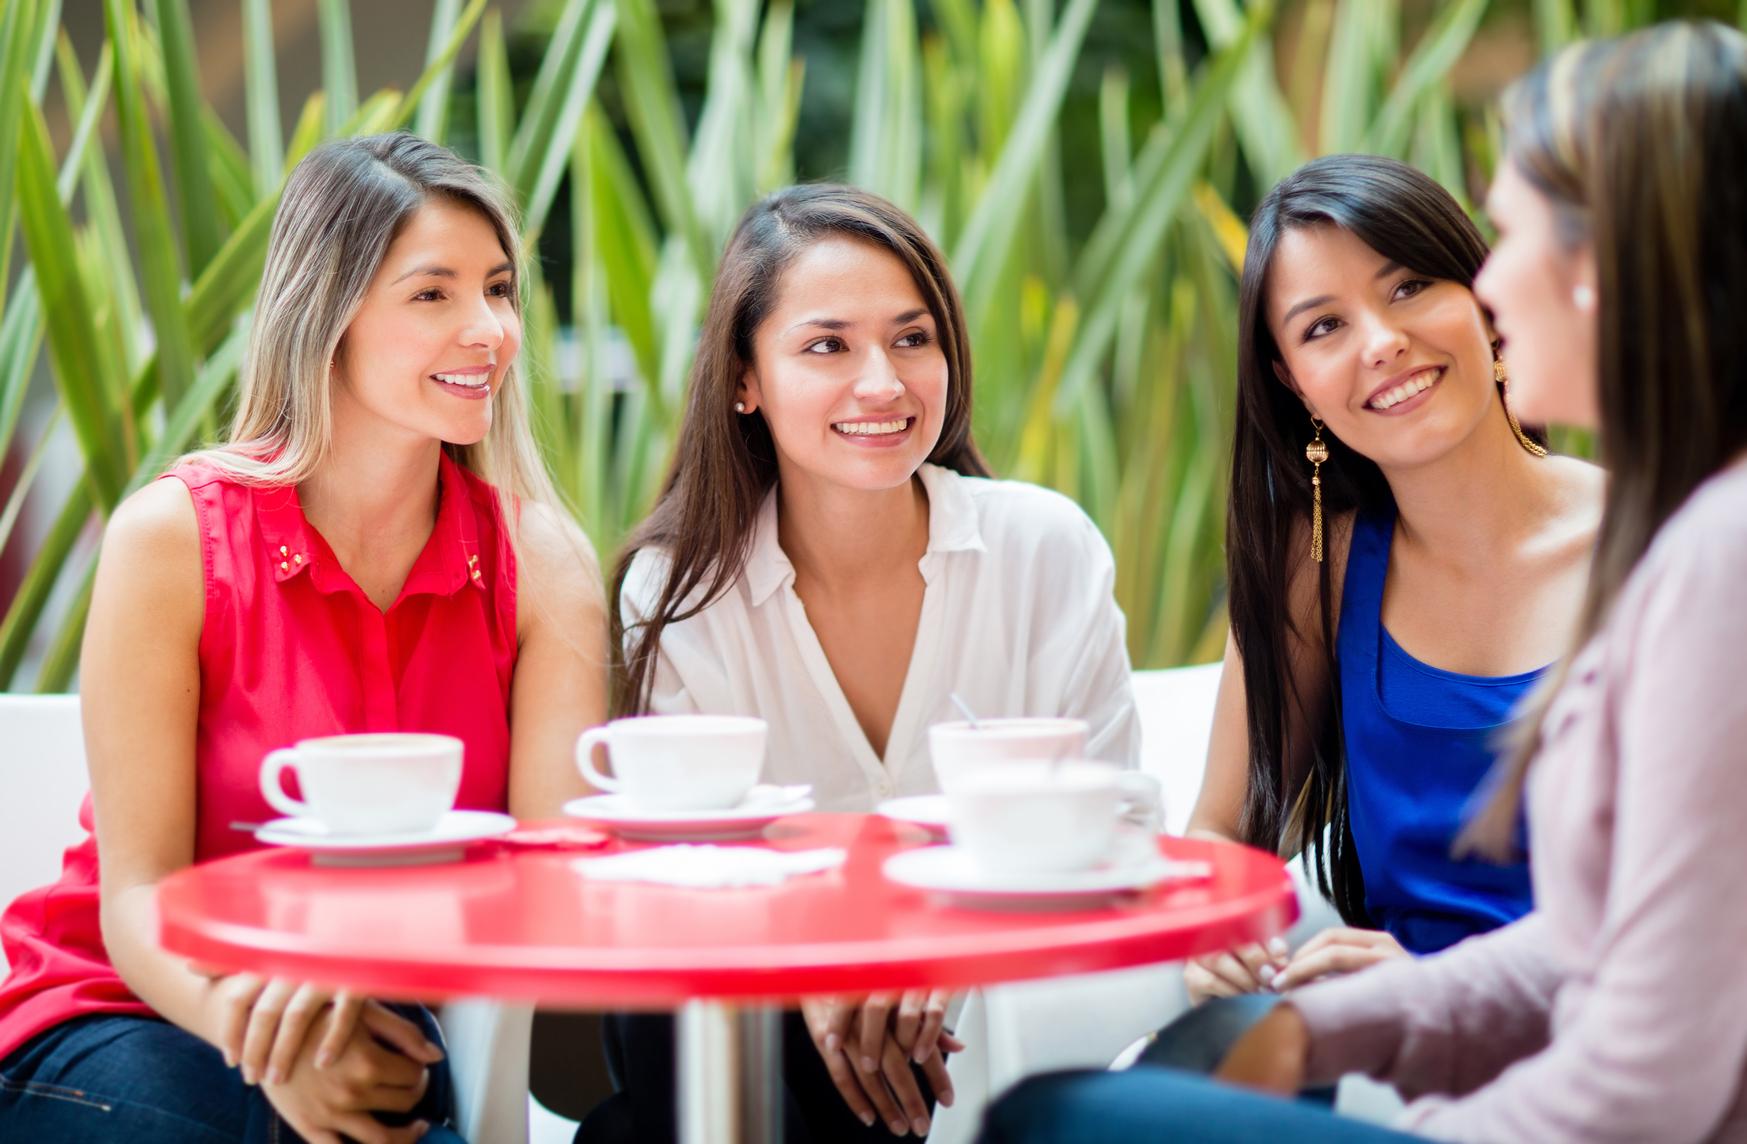 Картинки для беседы с подругами